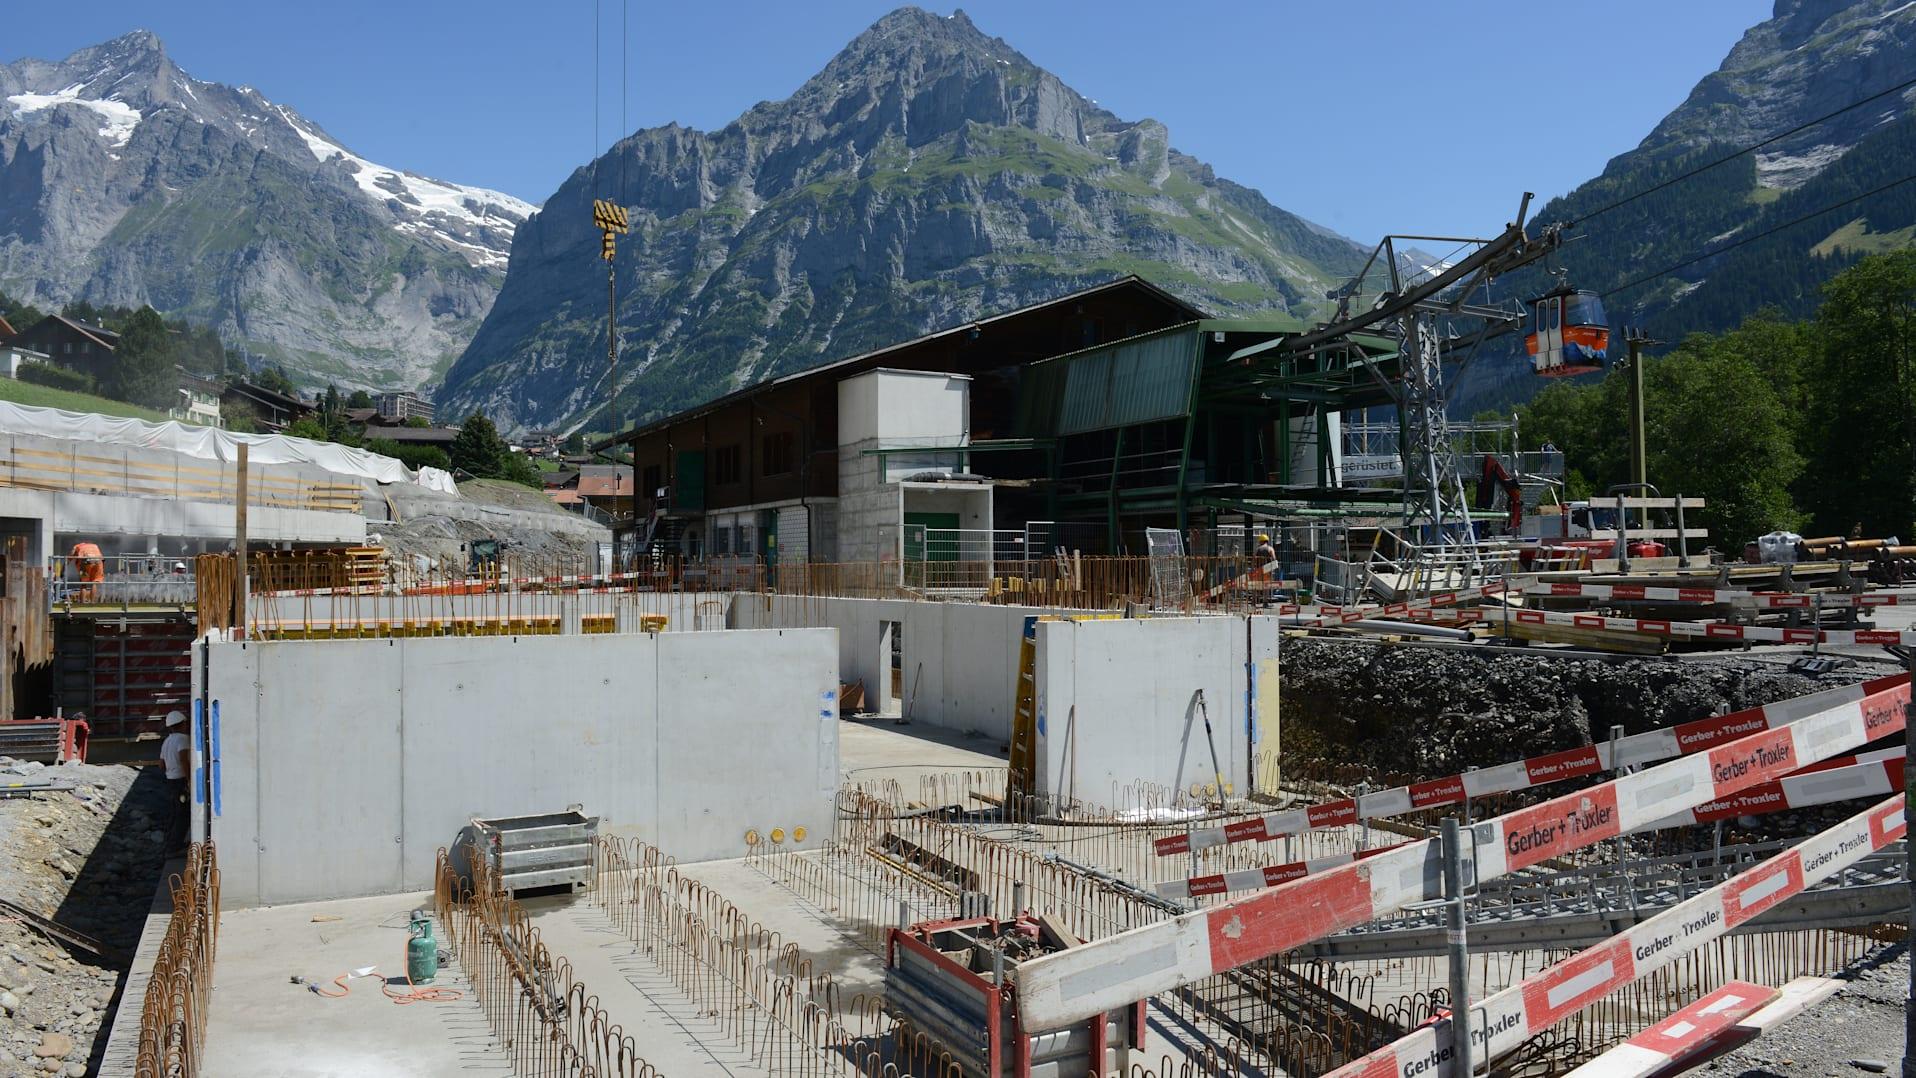 Grindelwald Grund construction site July 2018